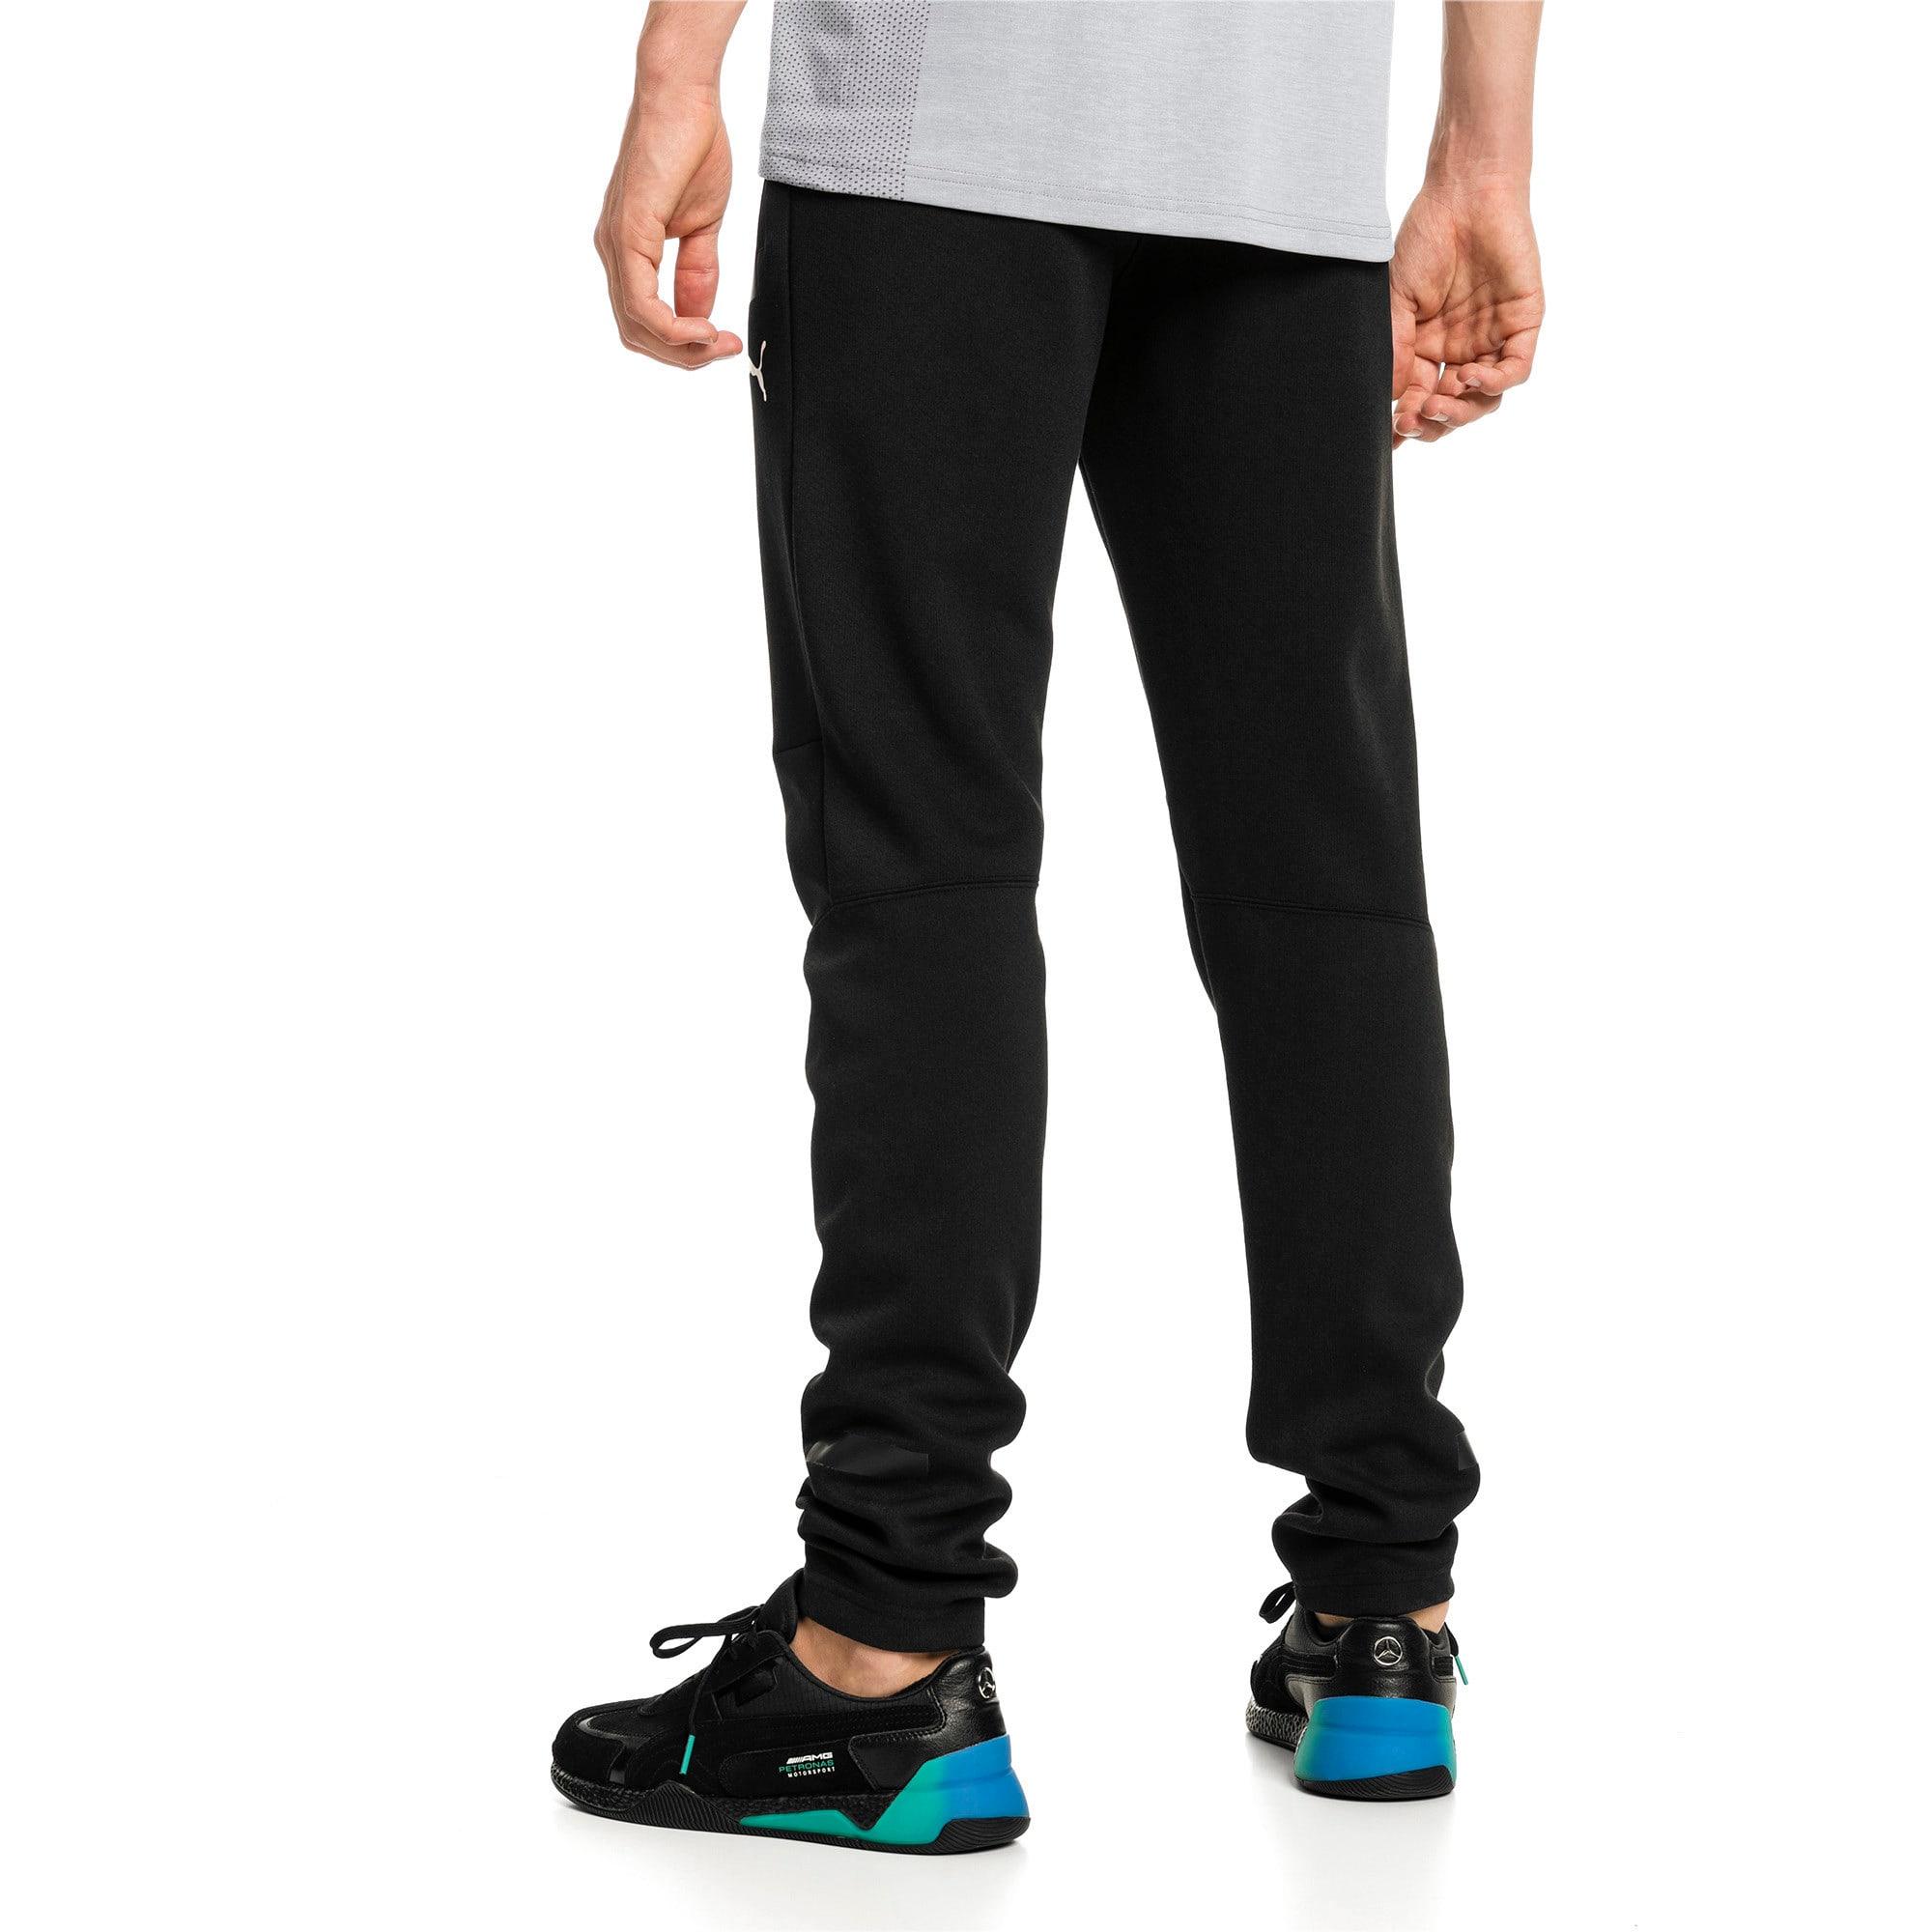 Miniatura 2 de Pantalones deportivos Mercedes AMG Petronas para hombre, Puma Black, mediano